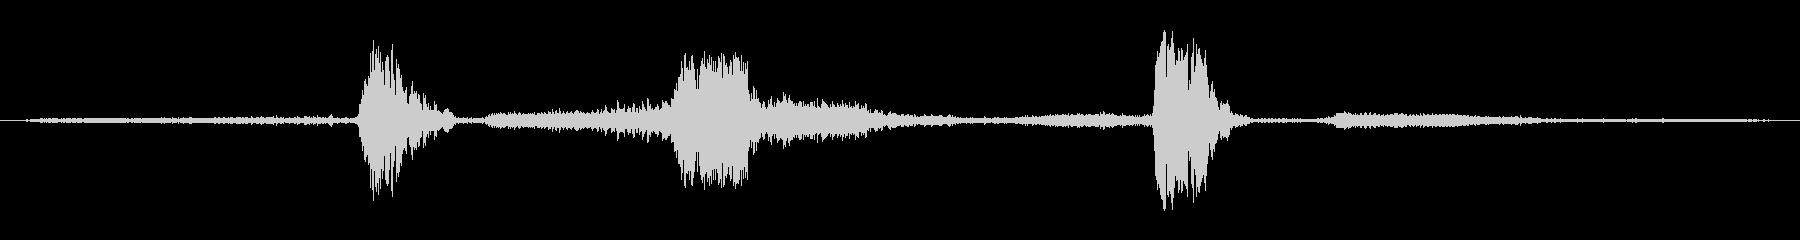 1985シェビーカマロ:ドライブア...の未再生の波形